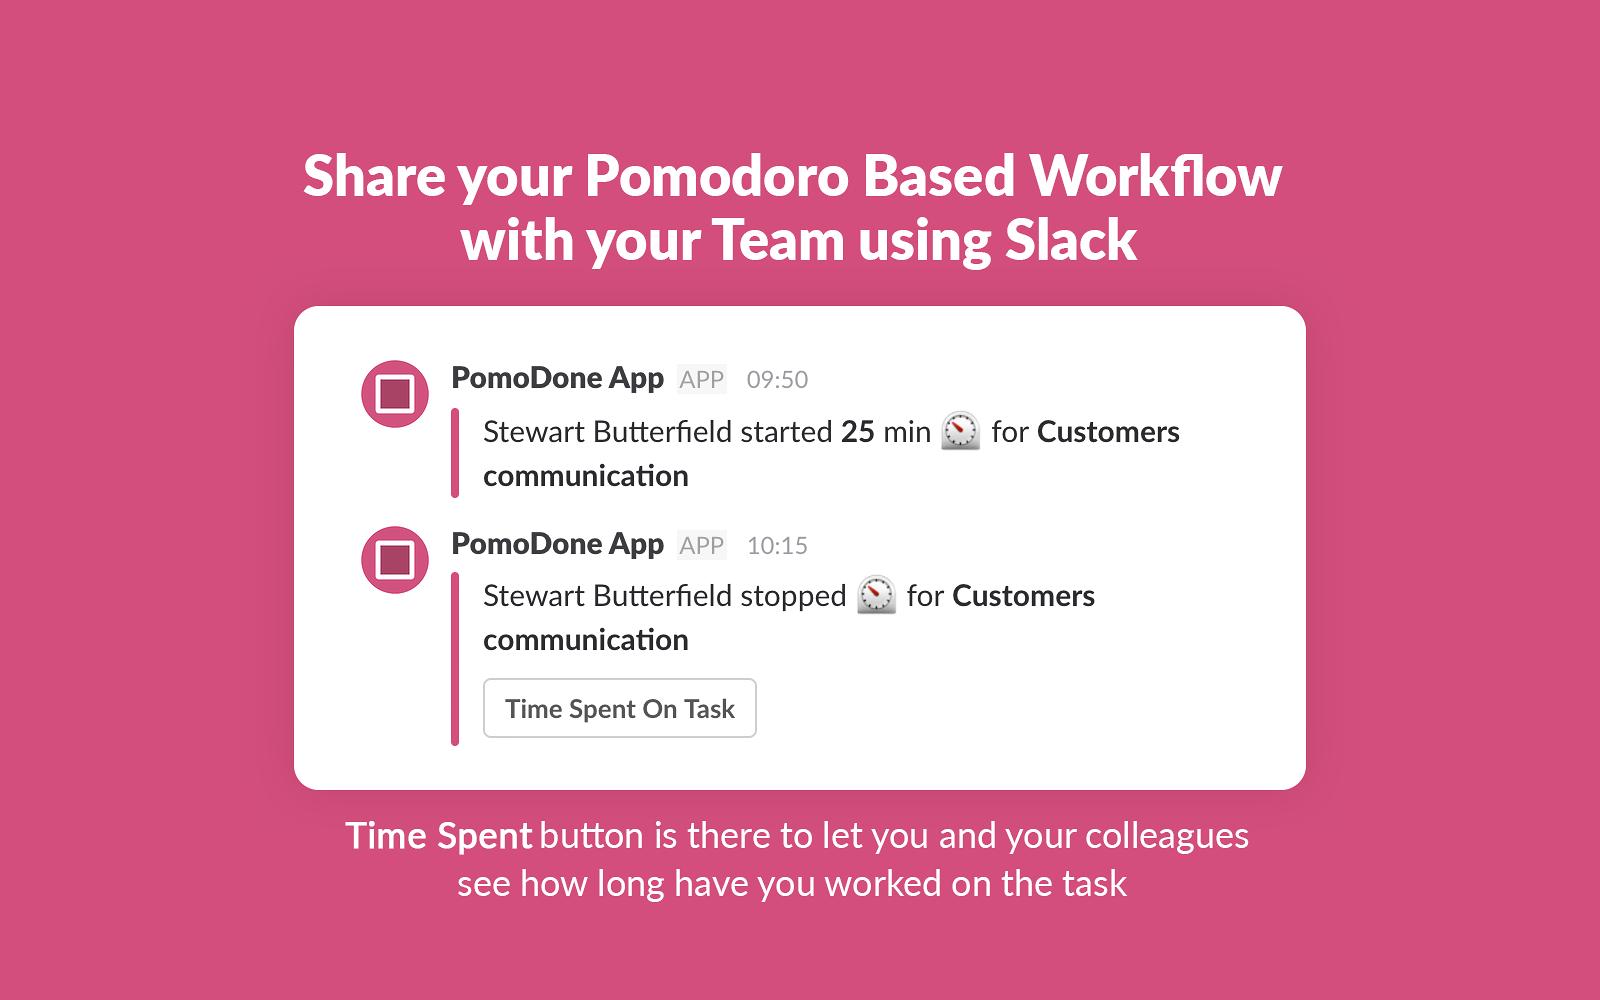 https://slack.com/apps/A0JNKC8KW-pomodone-app